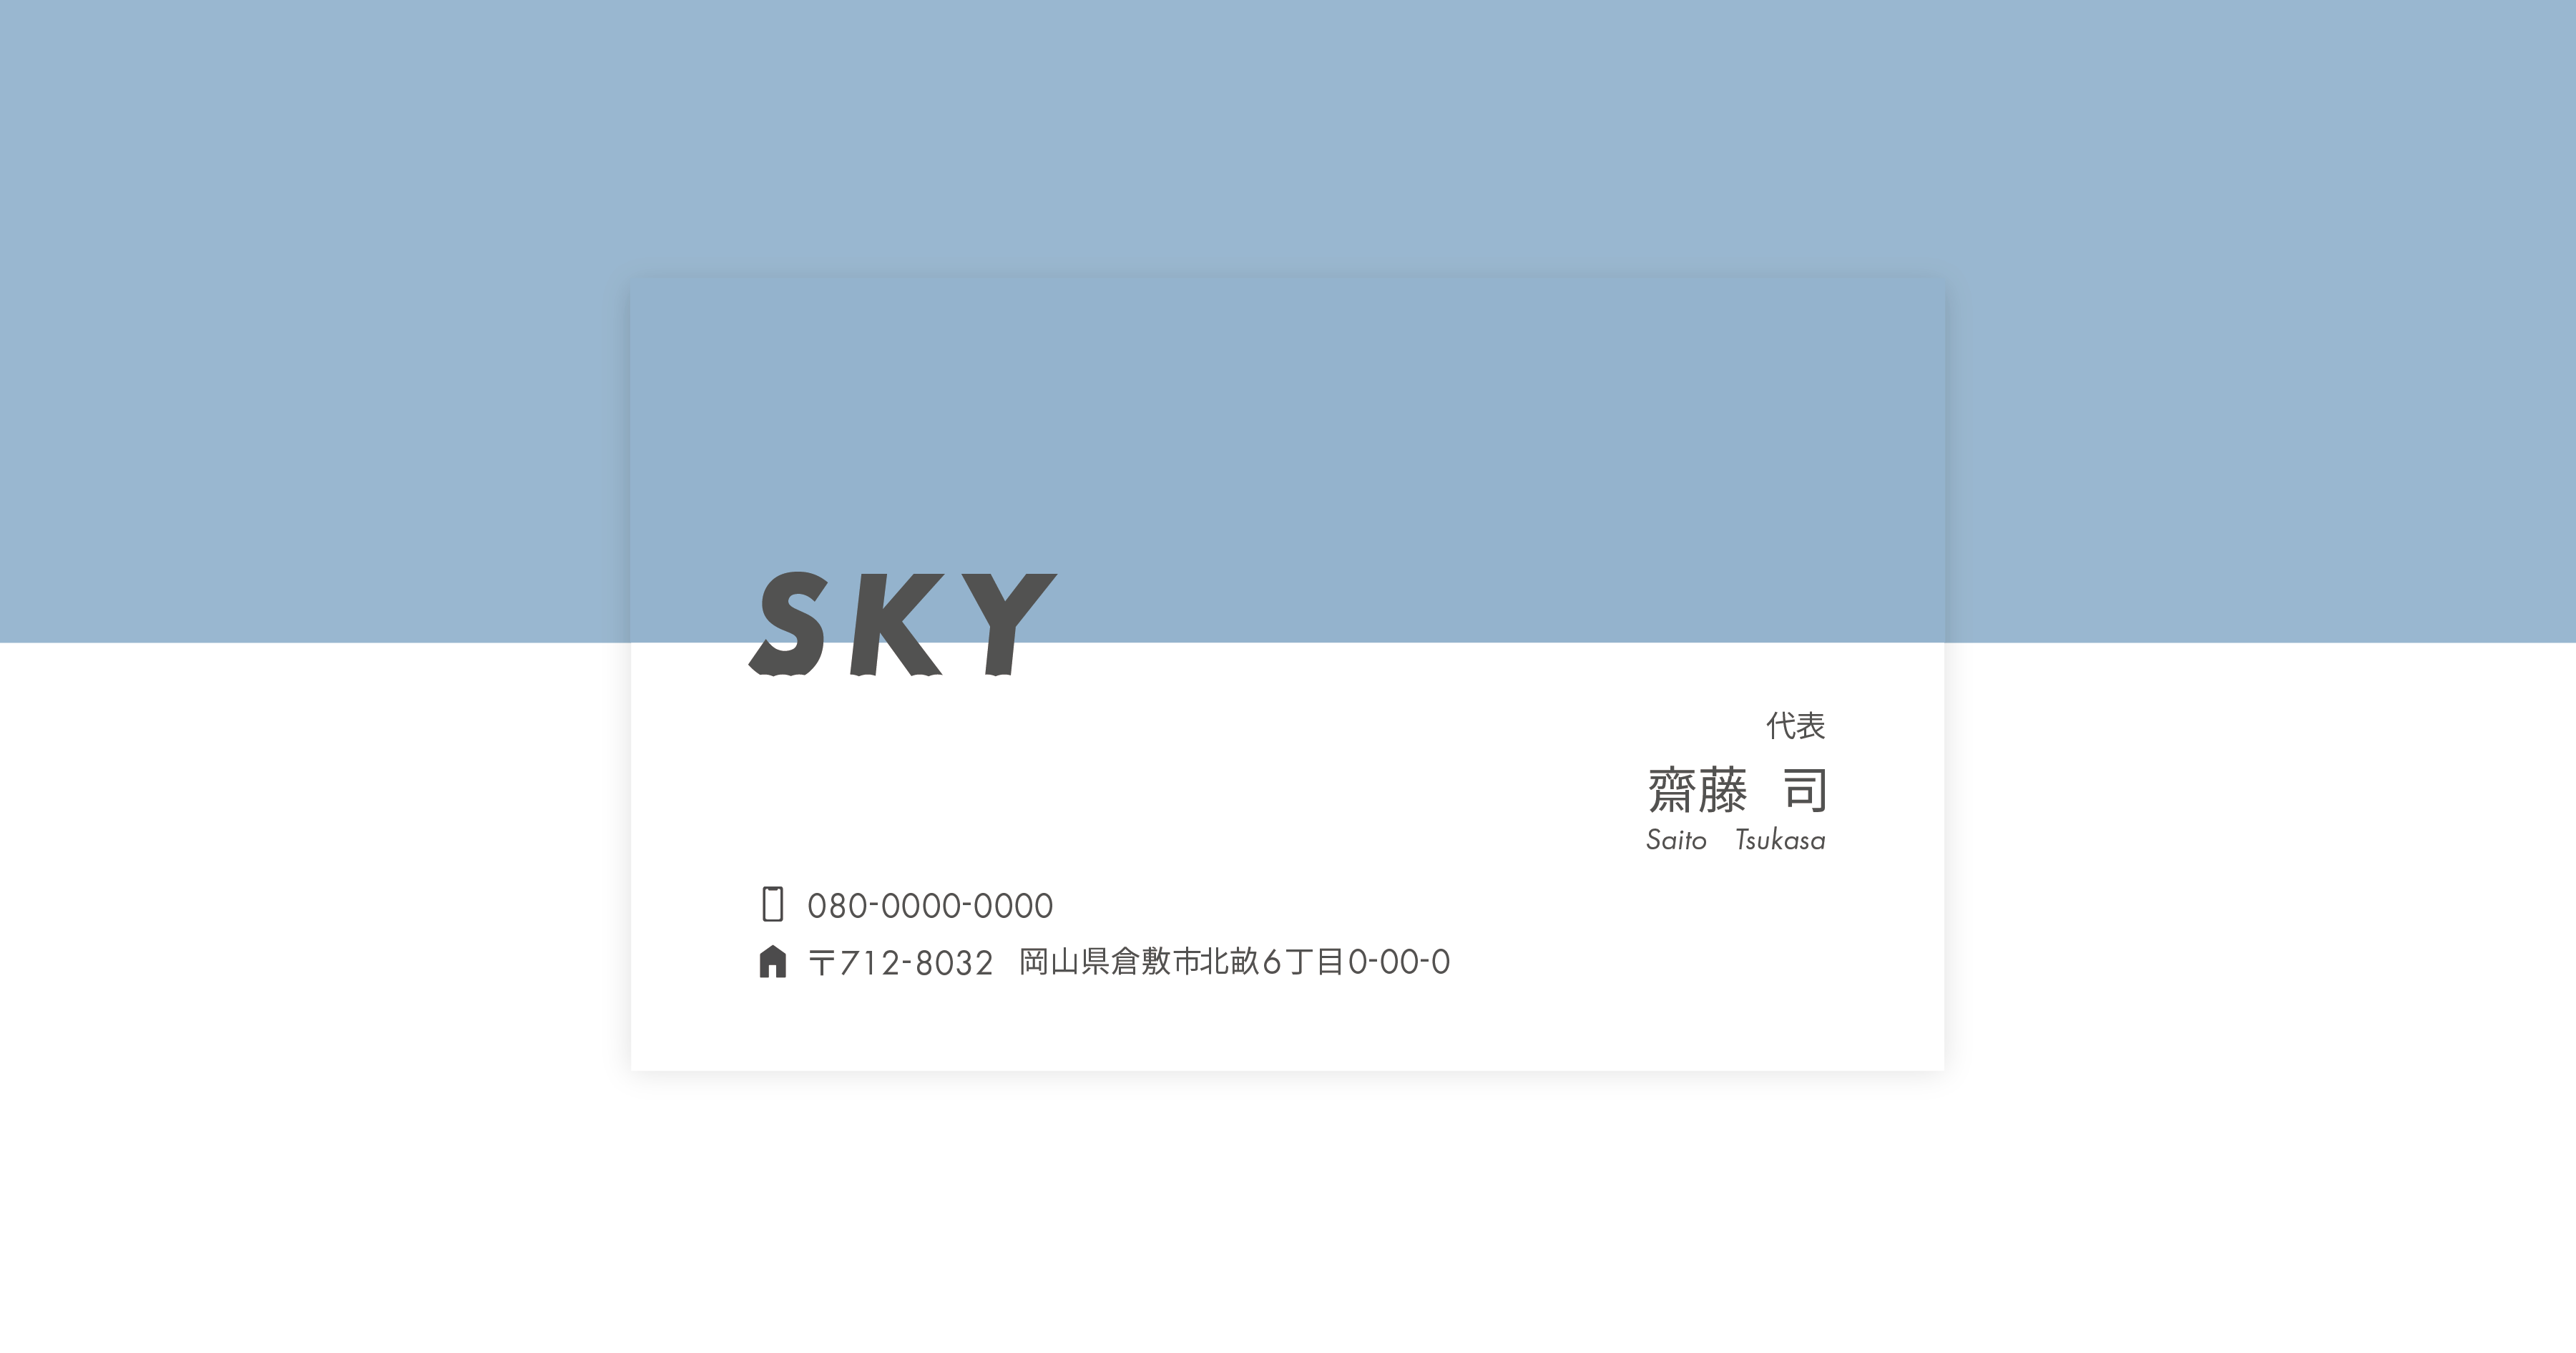 SKY_岡山県倉敷市の外構工事事業者様の名刺デザイン_表